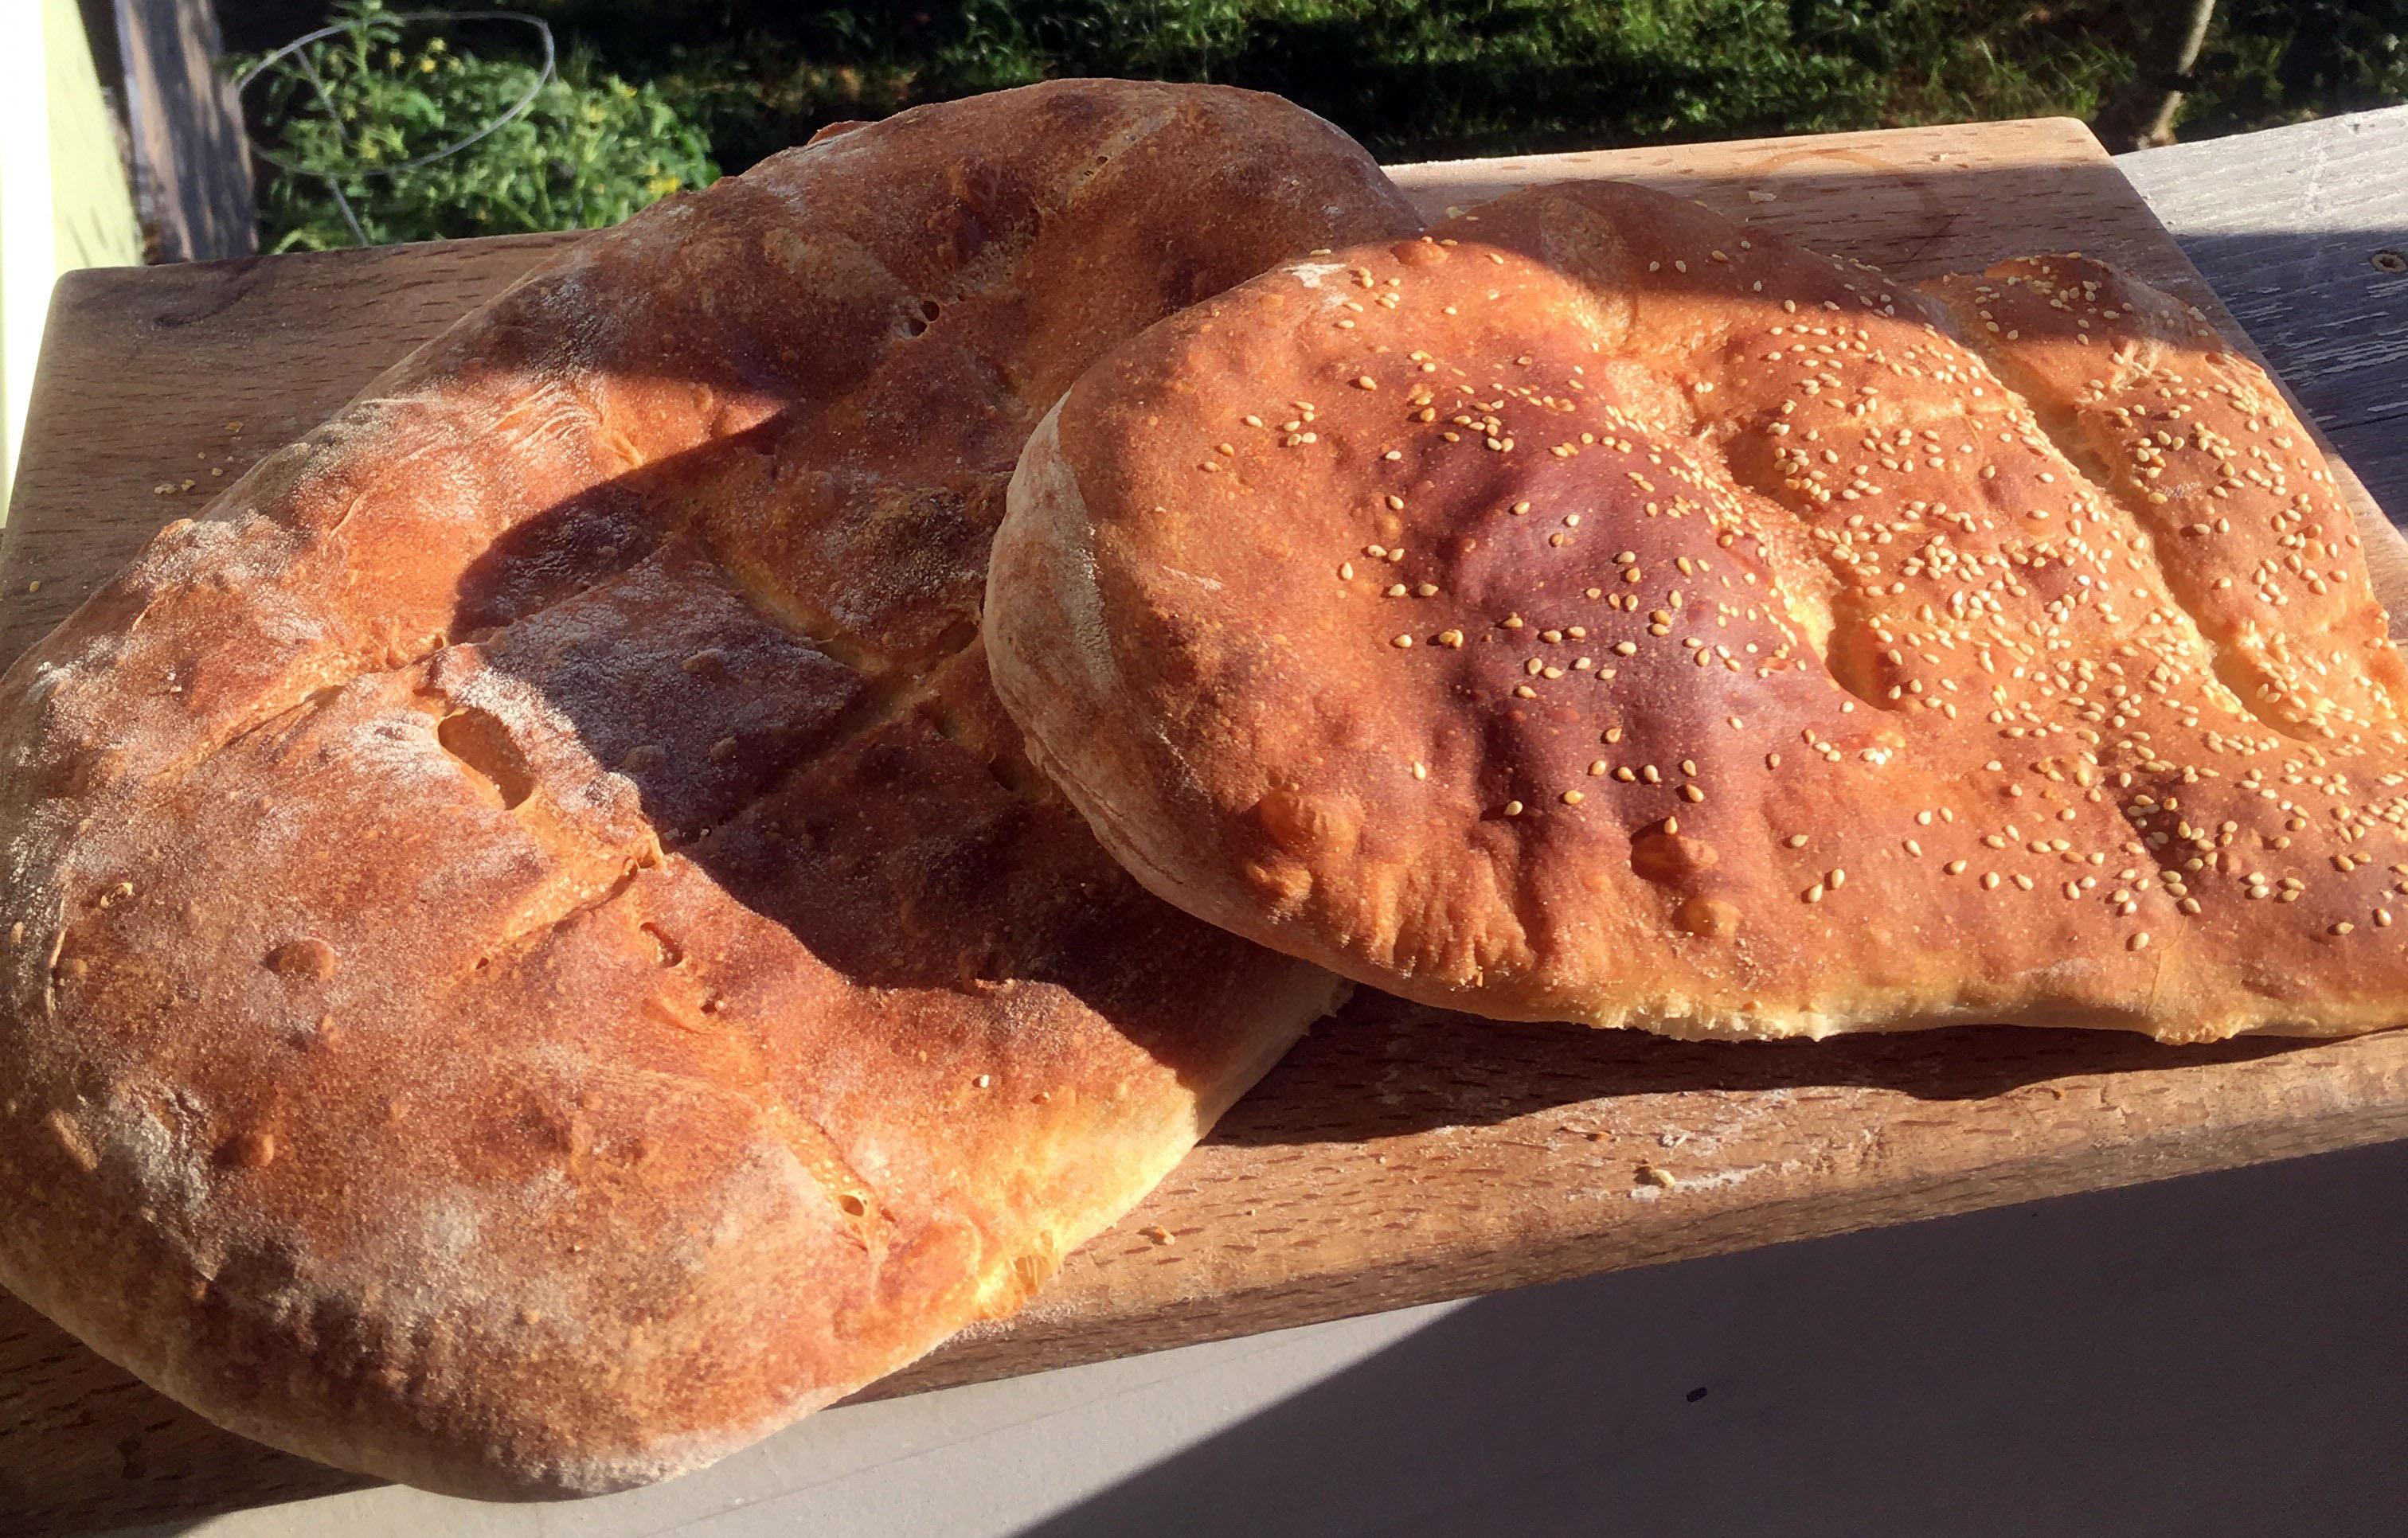 Ekmek Turkish Bread